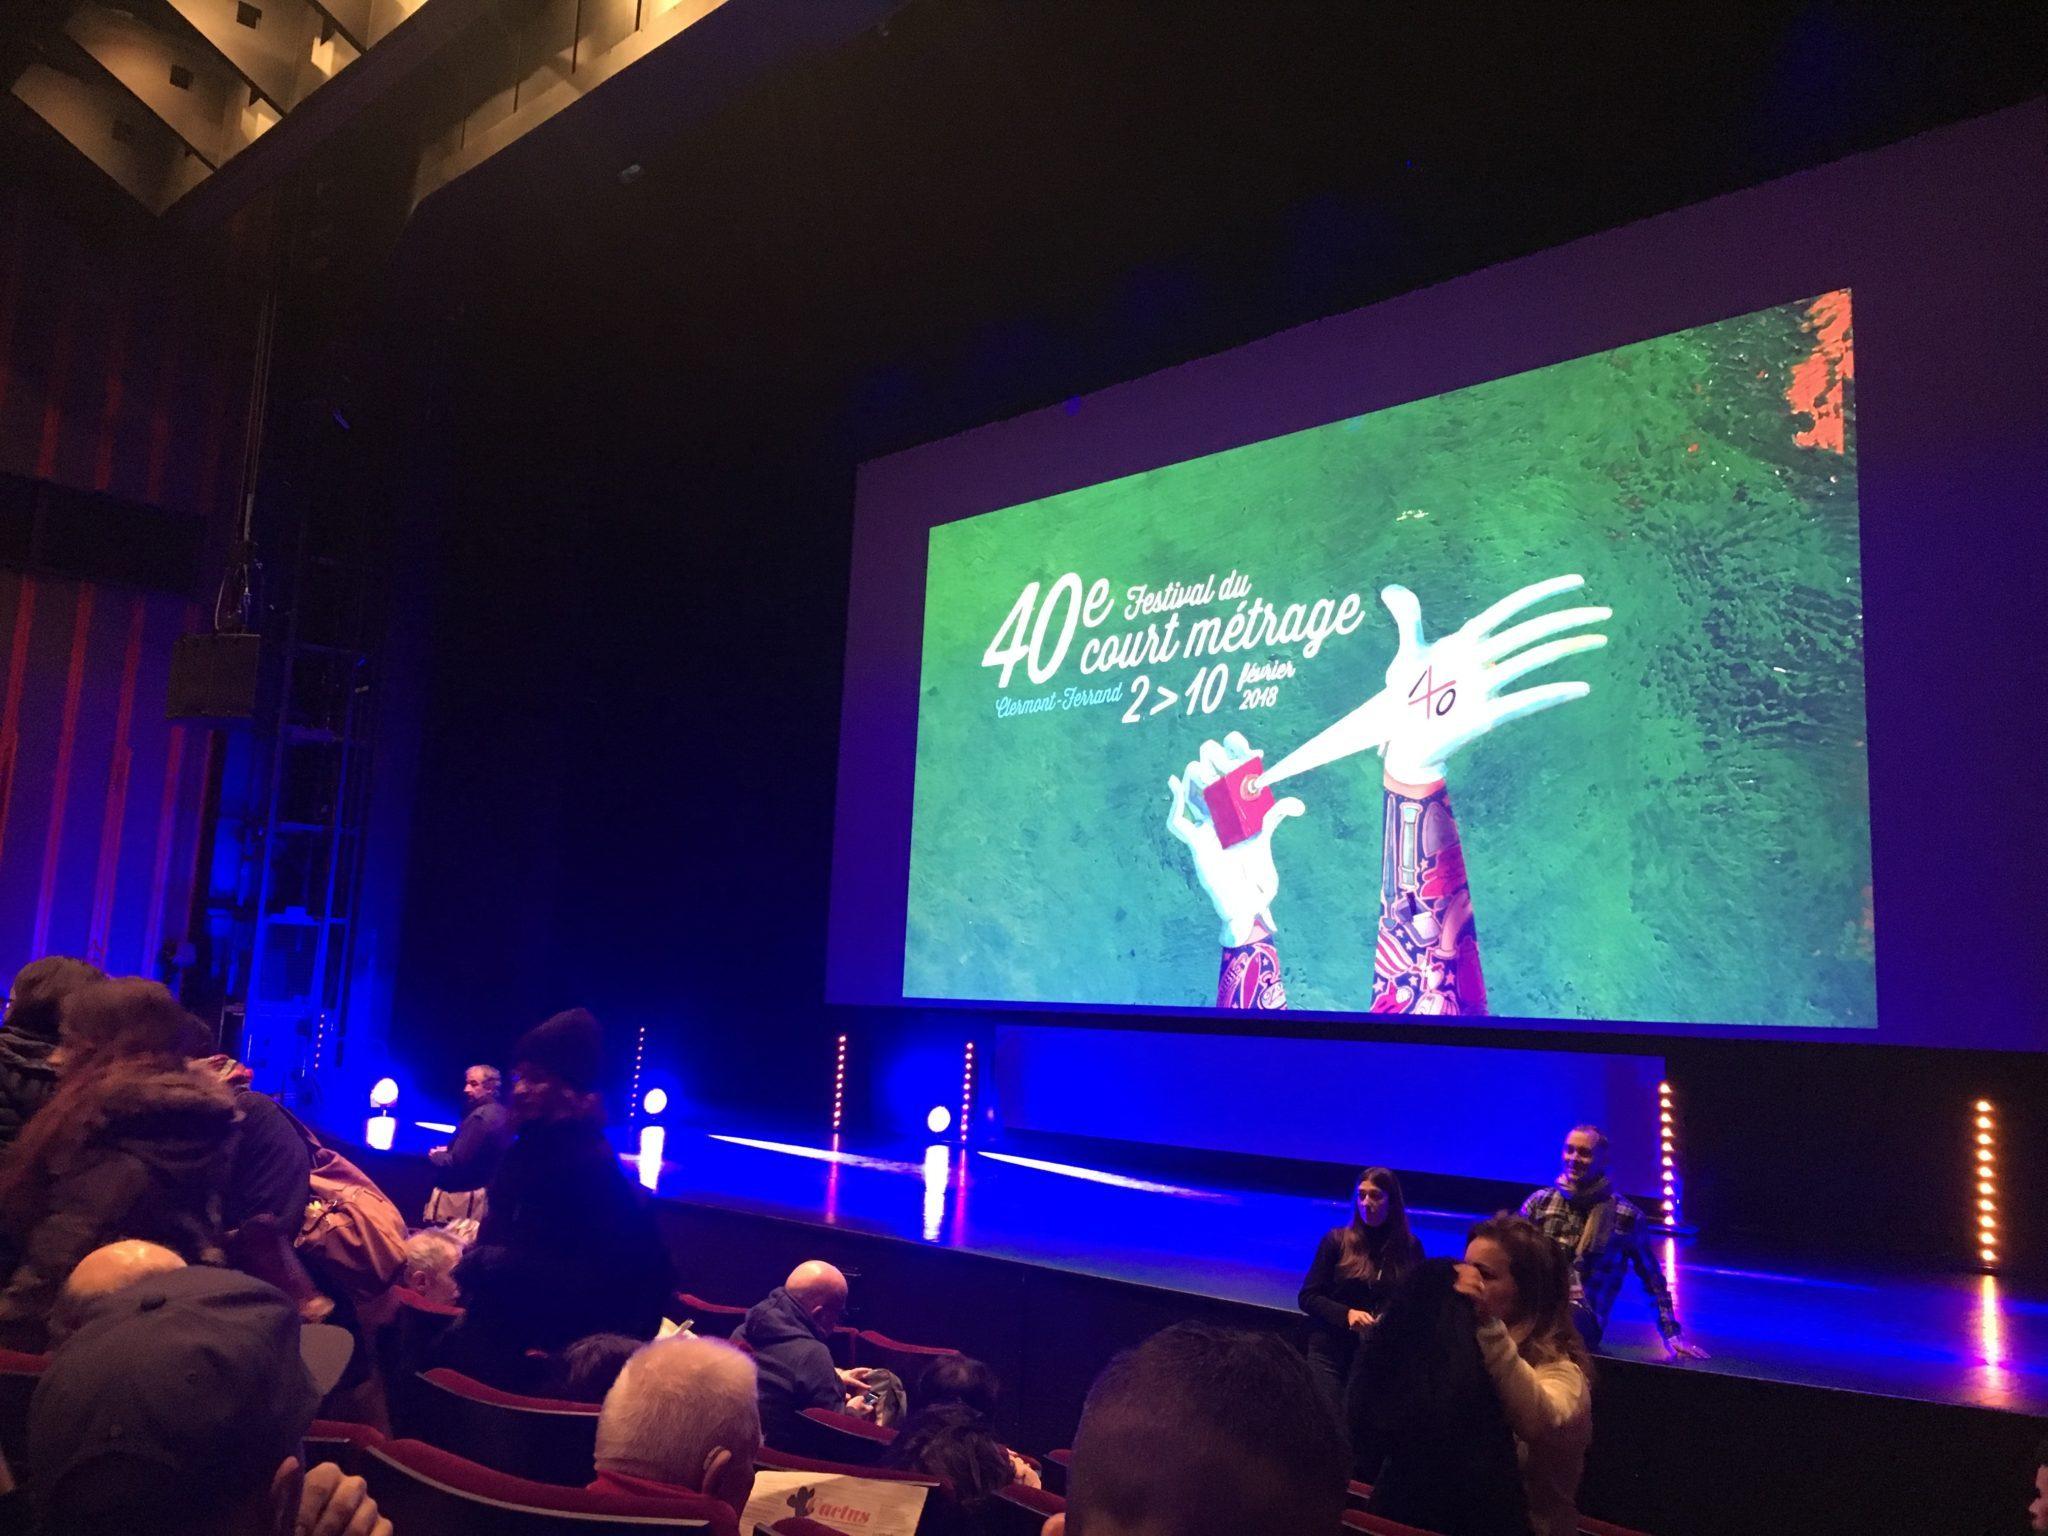 Festival du Court Métrage Clermont-Ferrand 2018 image 2